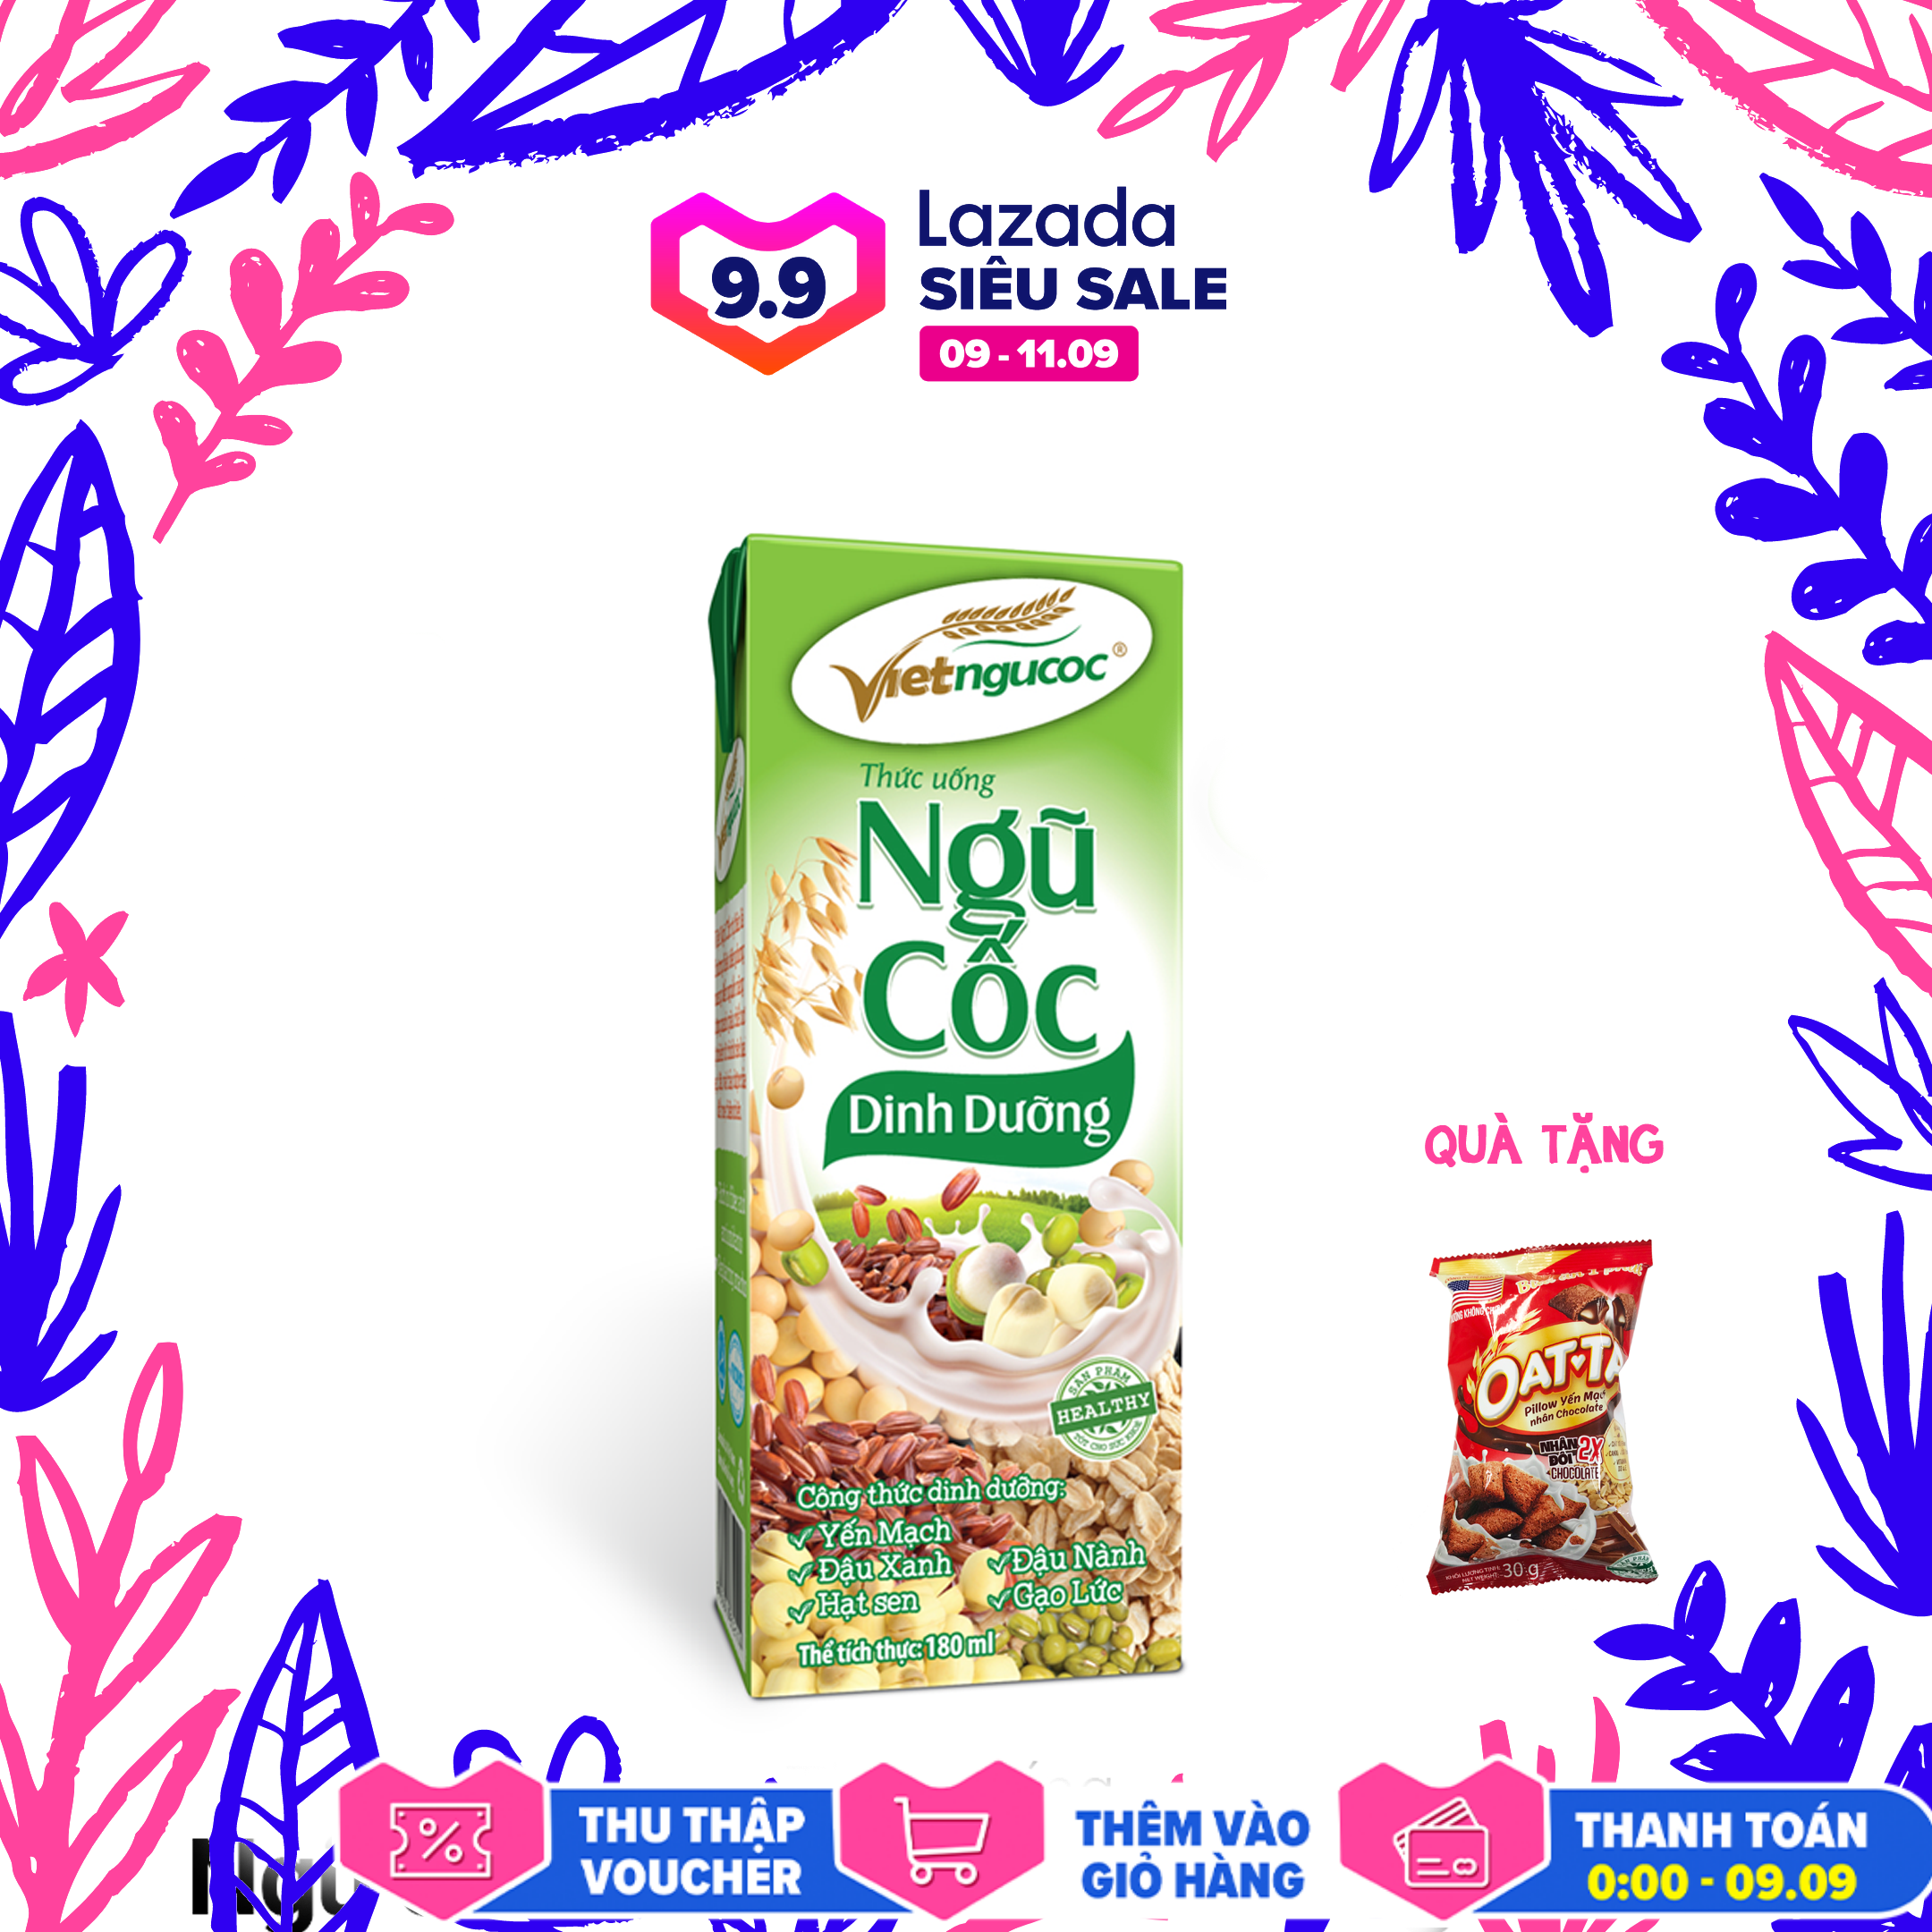 Thức uống Ngũ cốc dinh dưỡng Việt Ngũ Cốc lốc 4 hộp 180ml – Tặng Oatta Pillow Yến mạch Chocolate